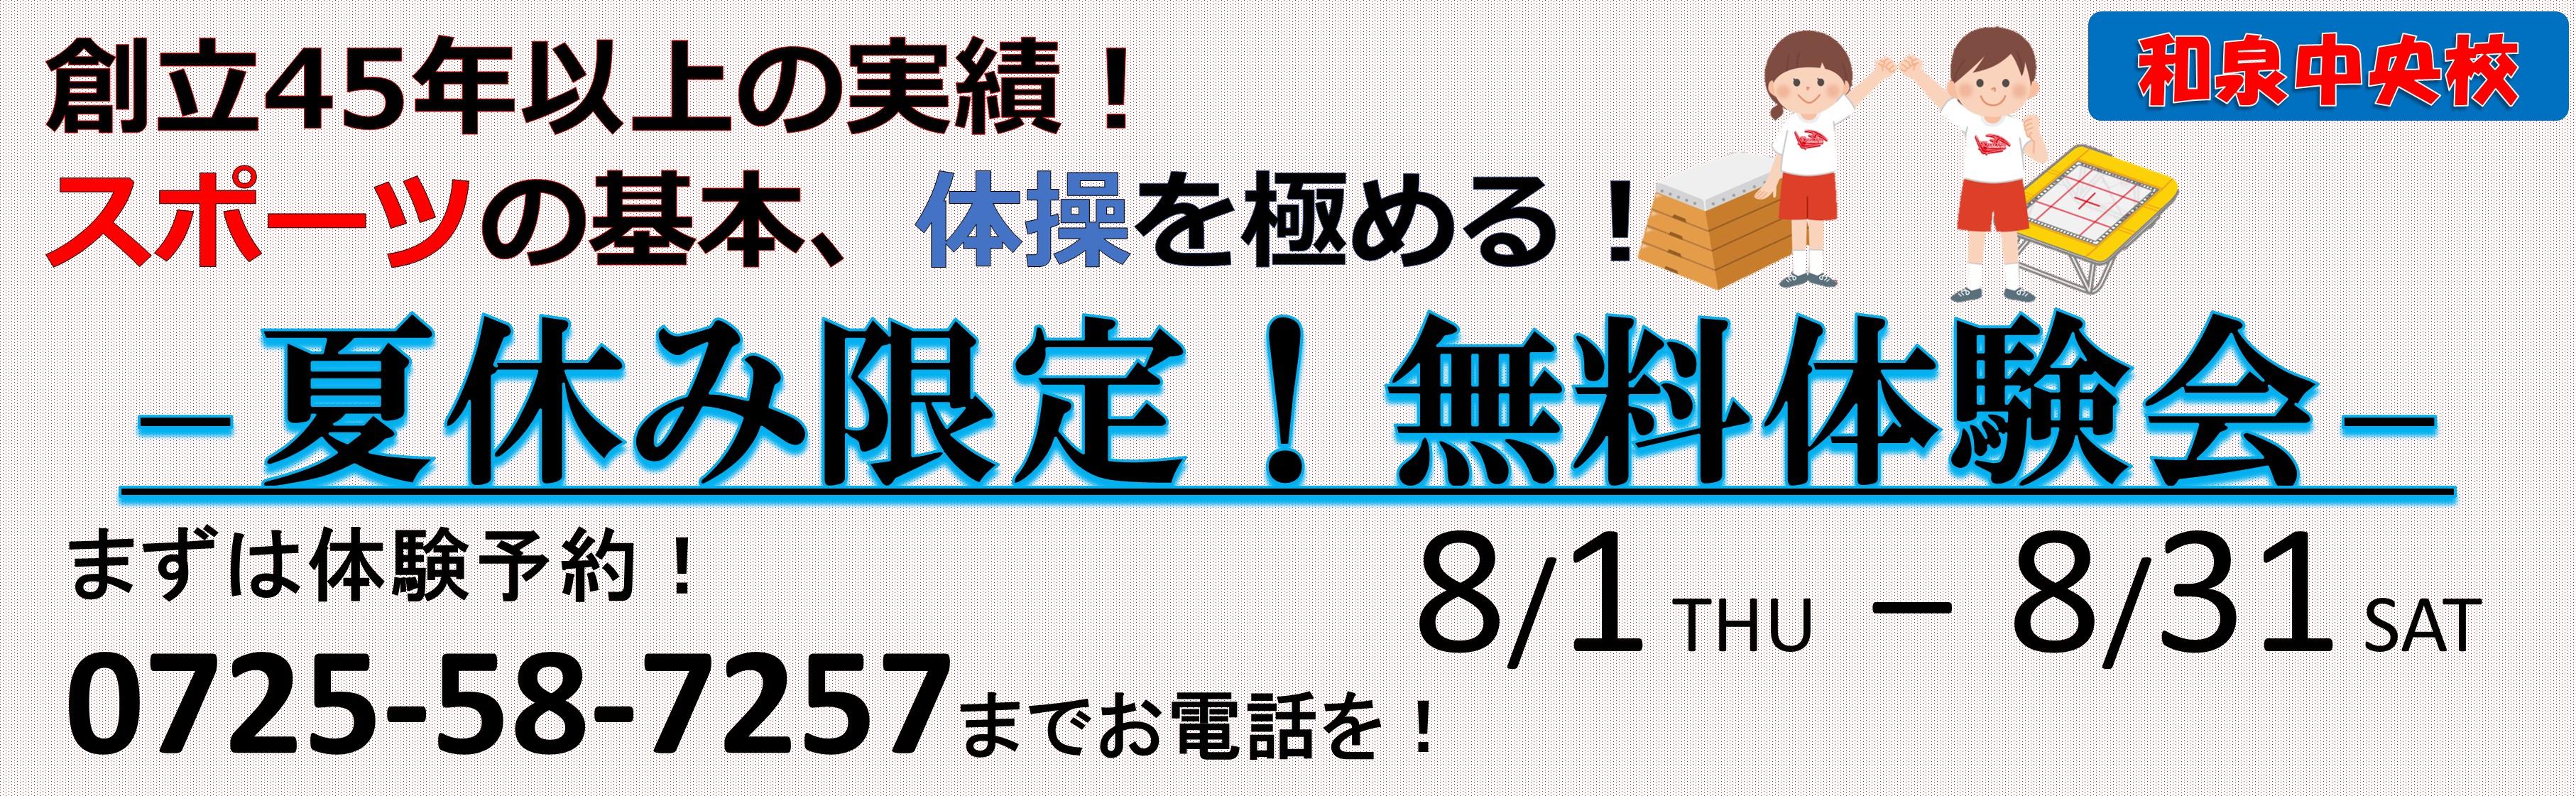 夏休み無料体験会バナー